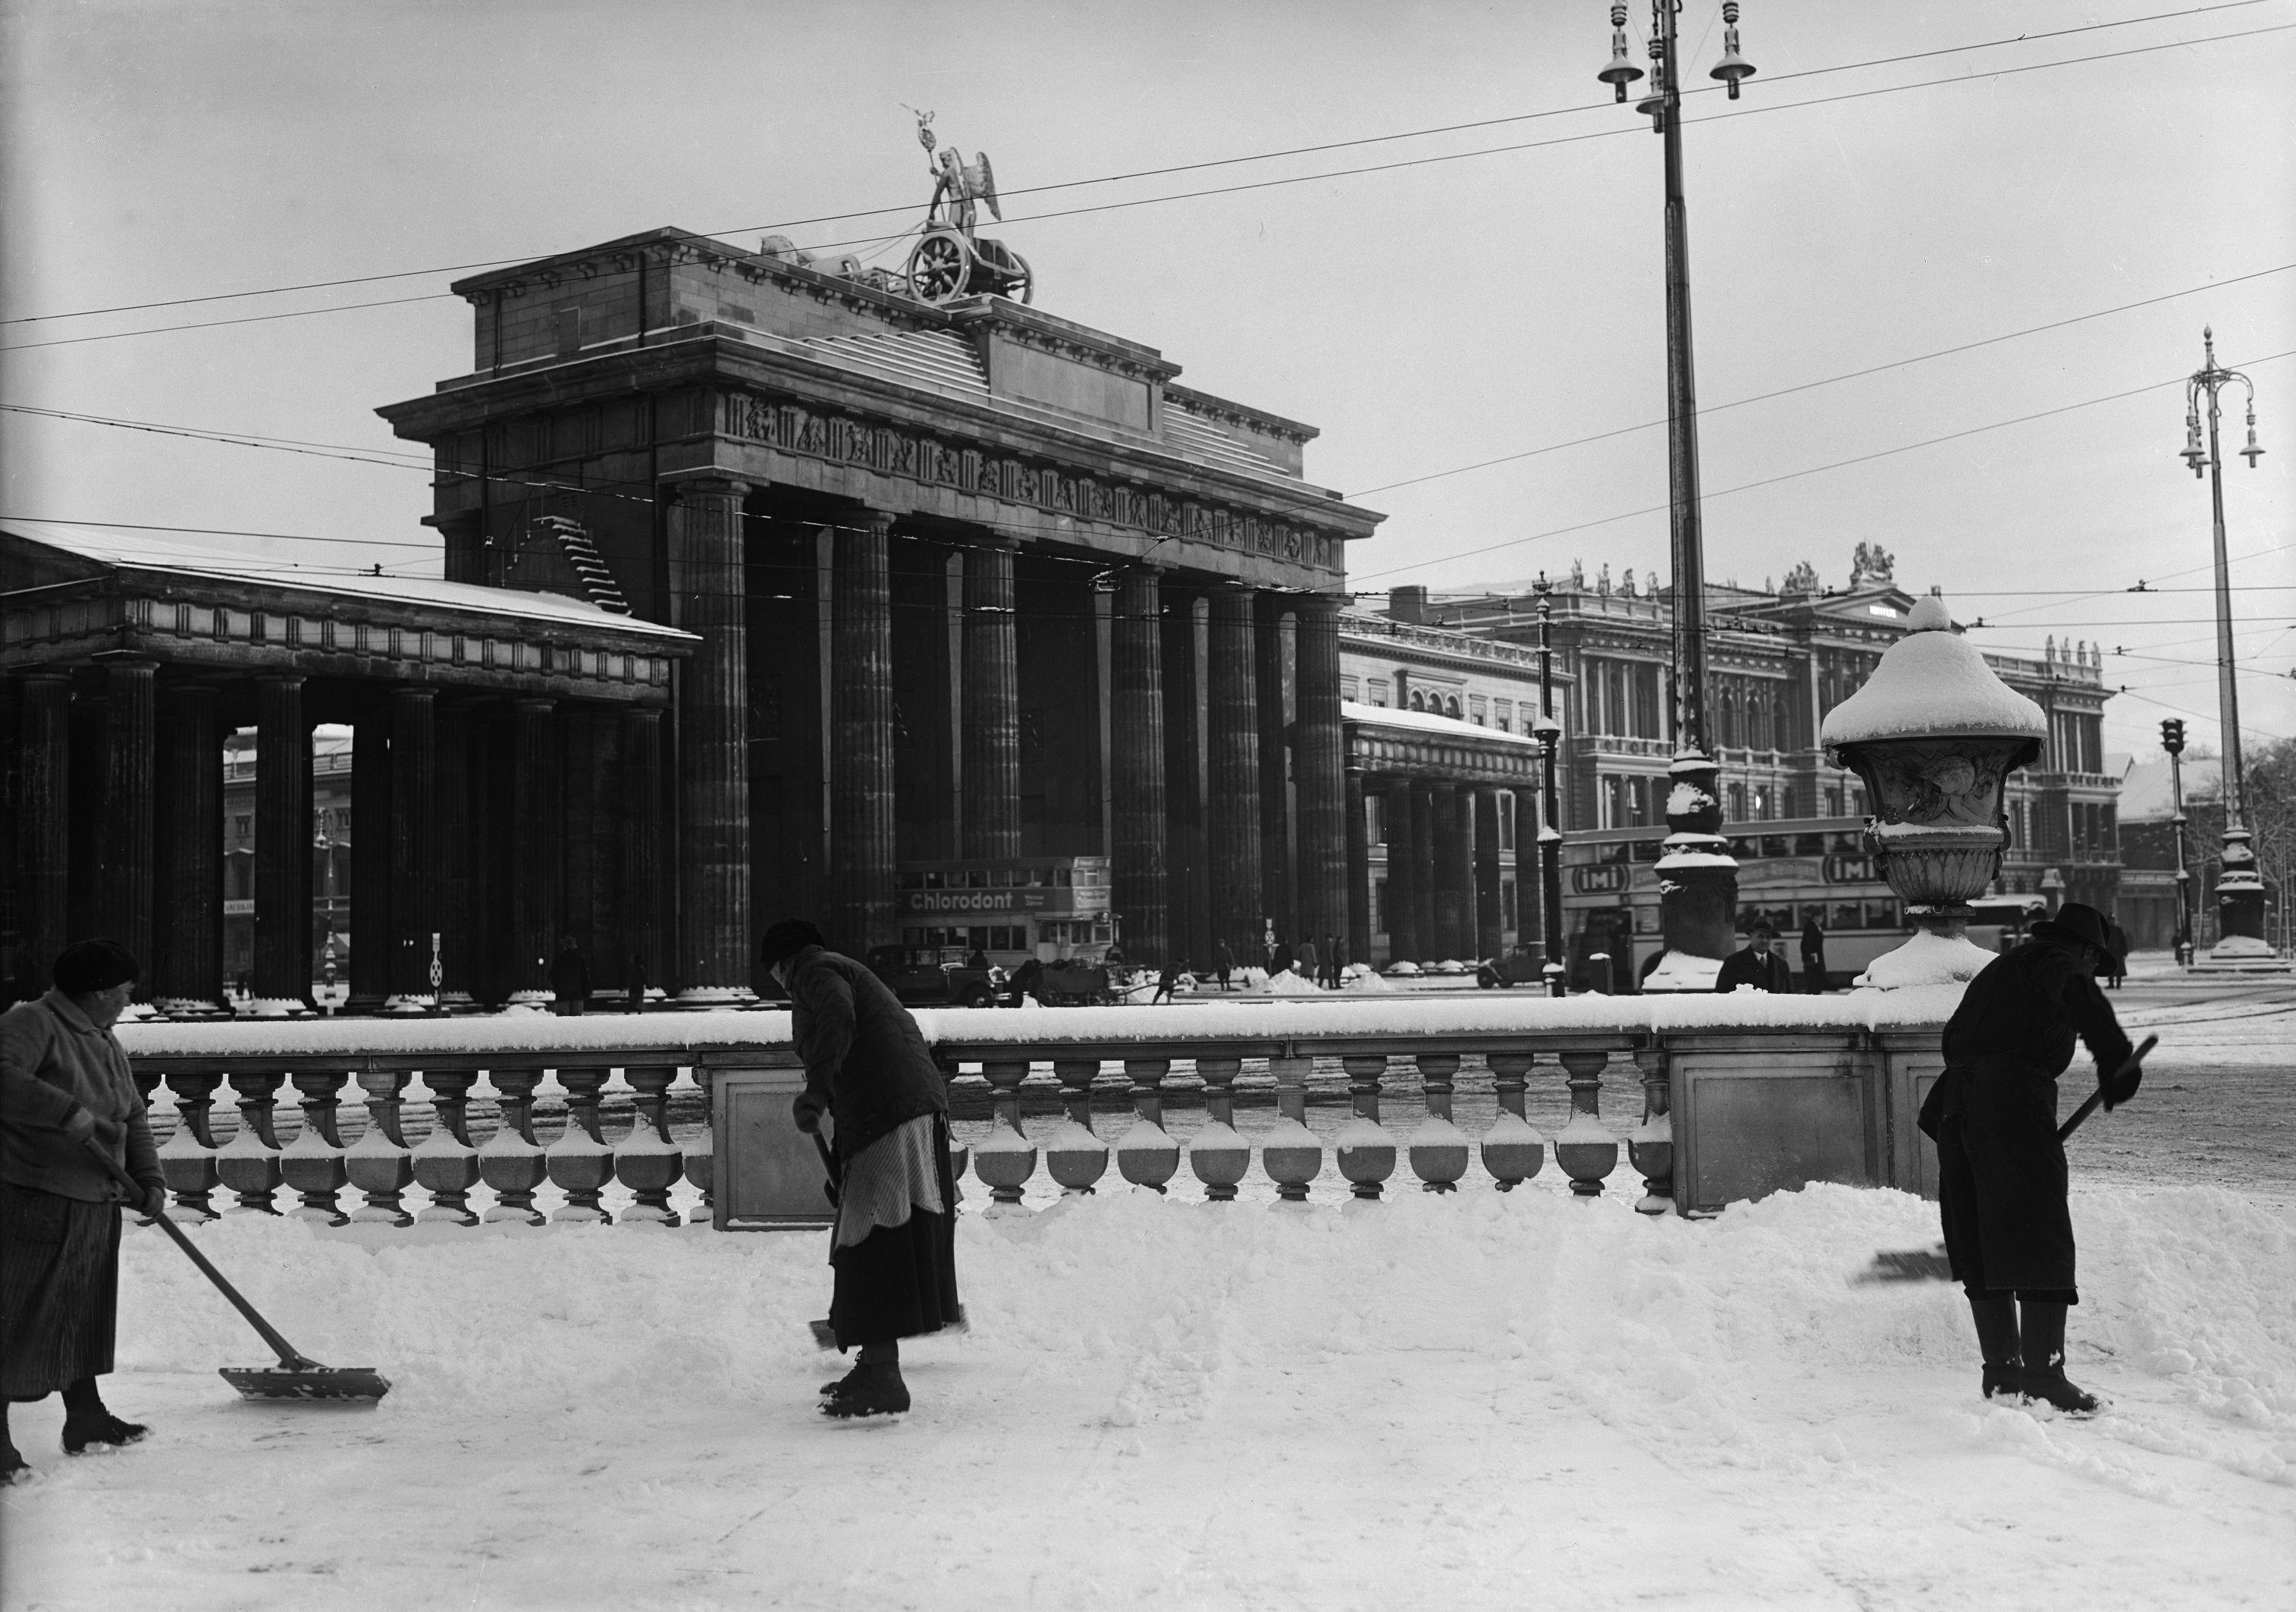 Preussag, representative office, Berlin Deutsche